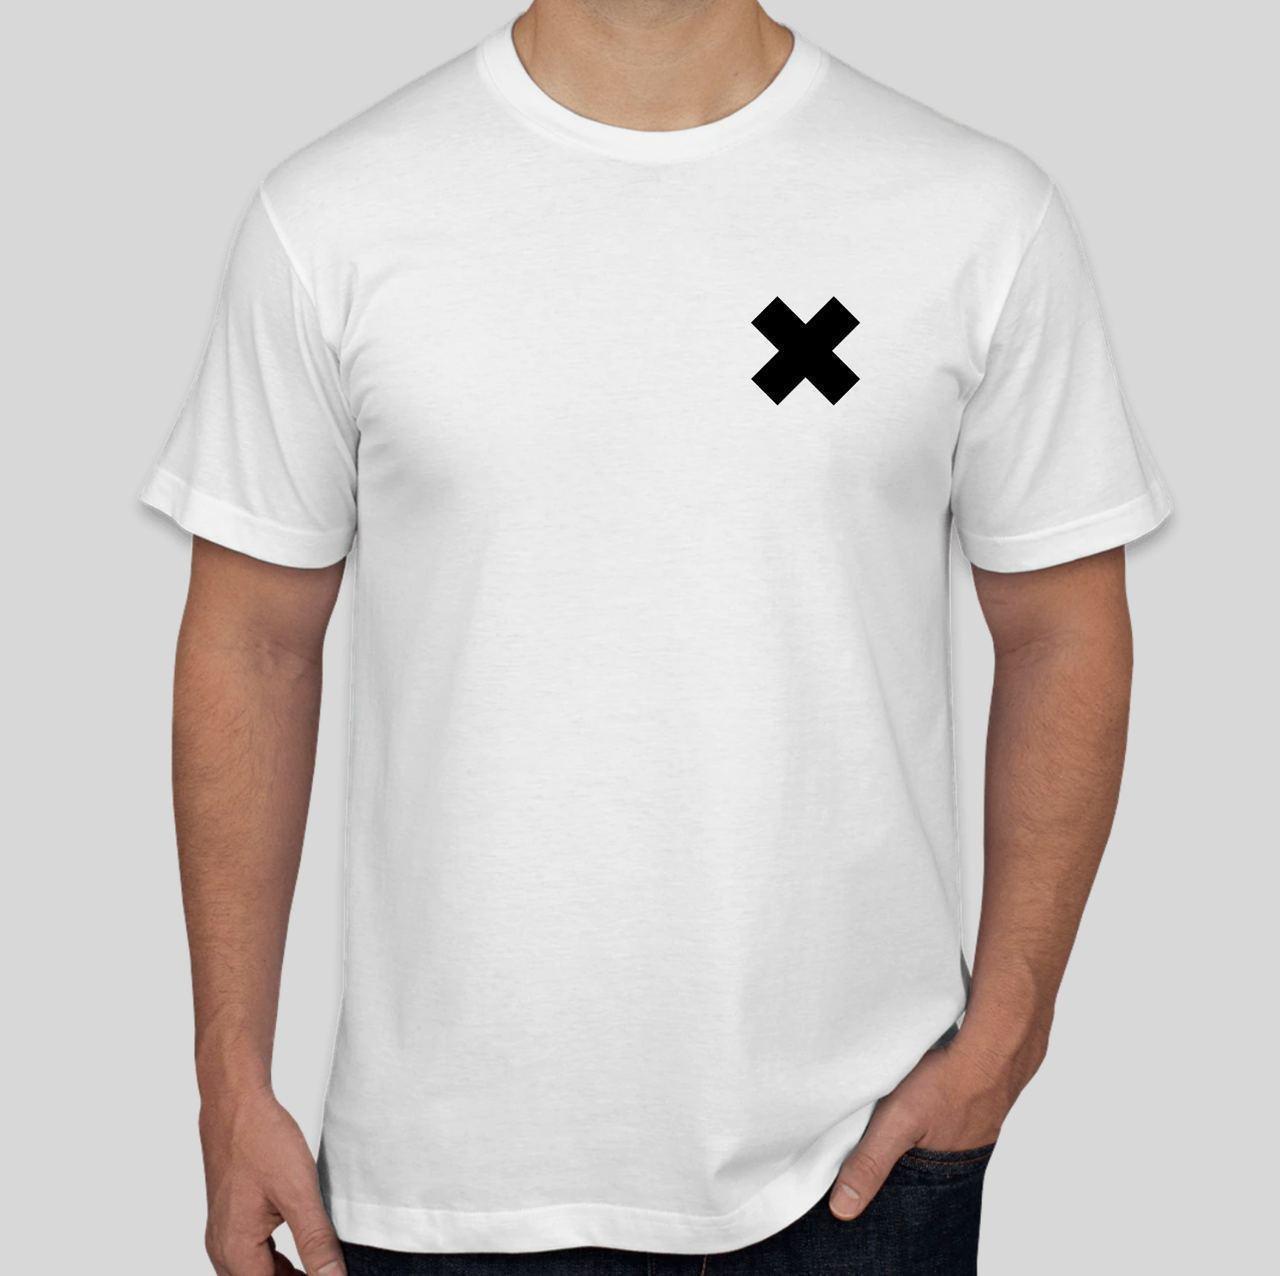 Тизер футболки